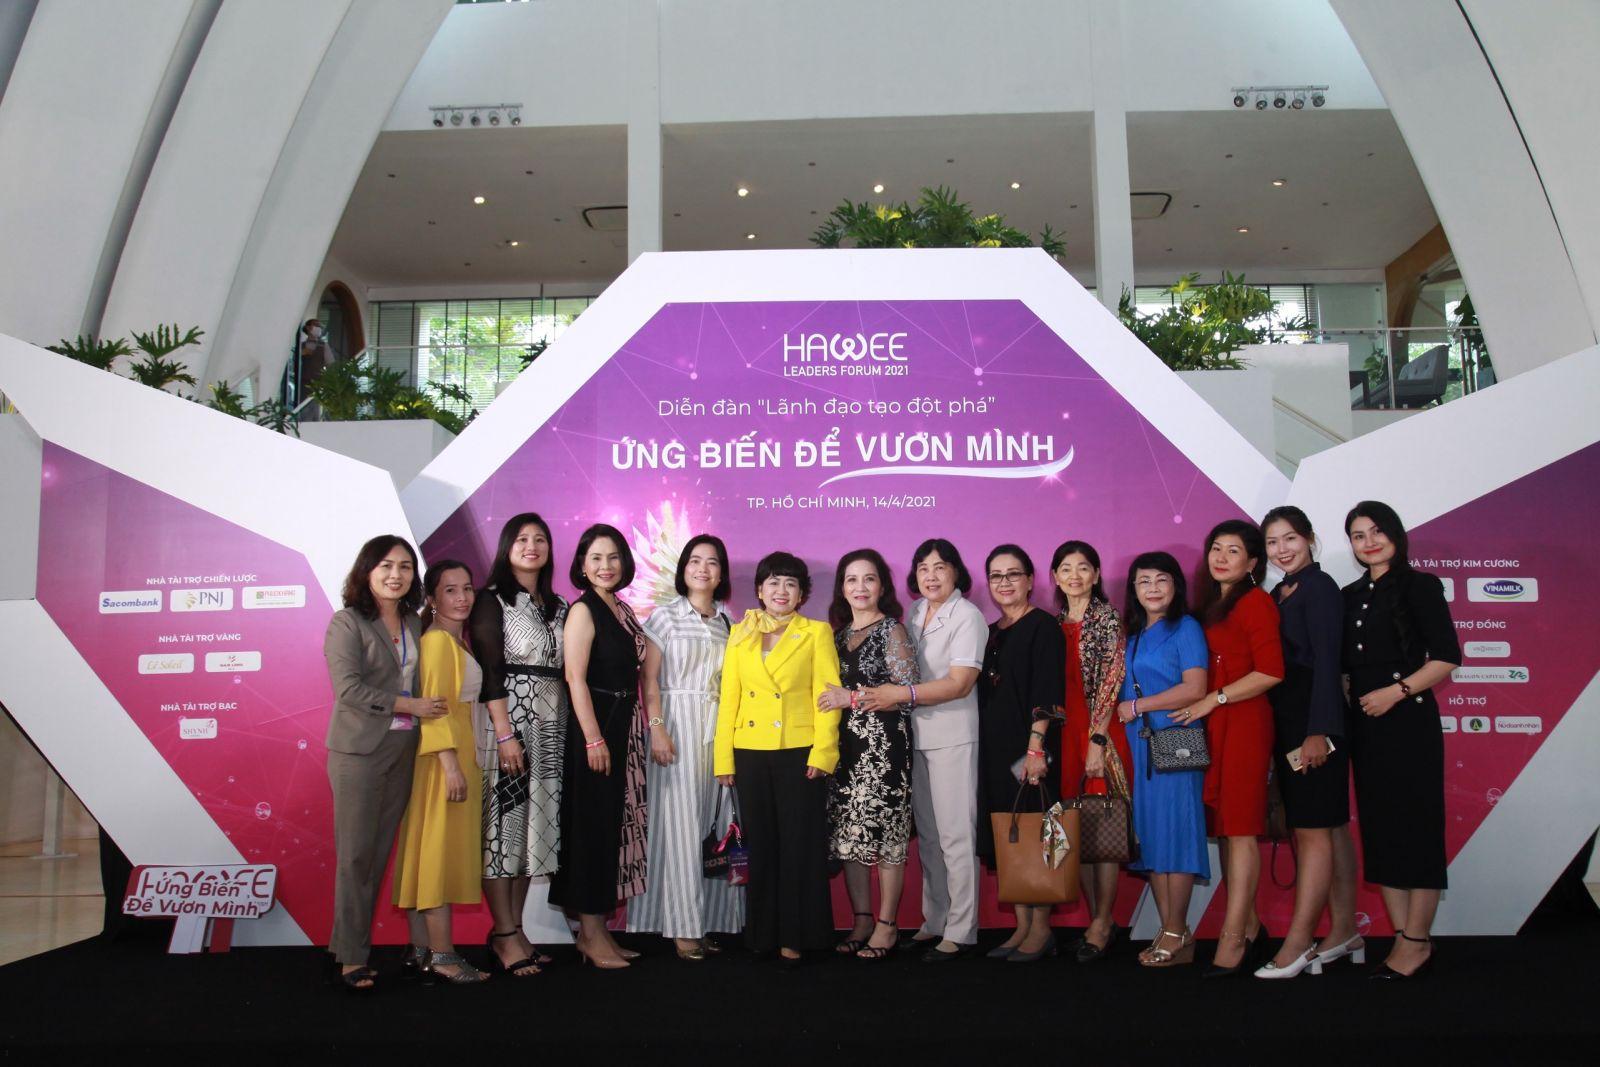 Các nữ doanh nhân chụp ảnh lưu niệm